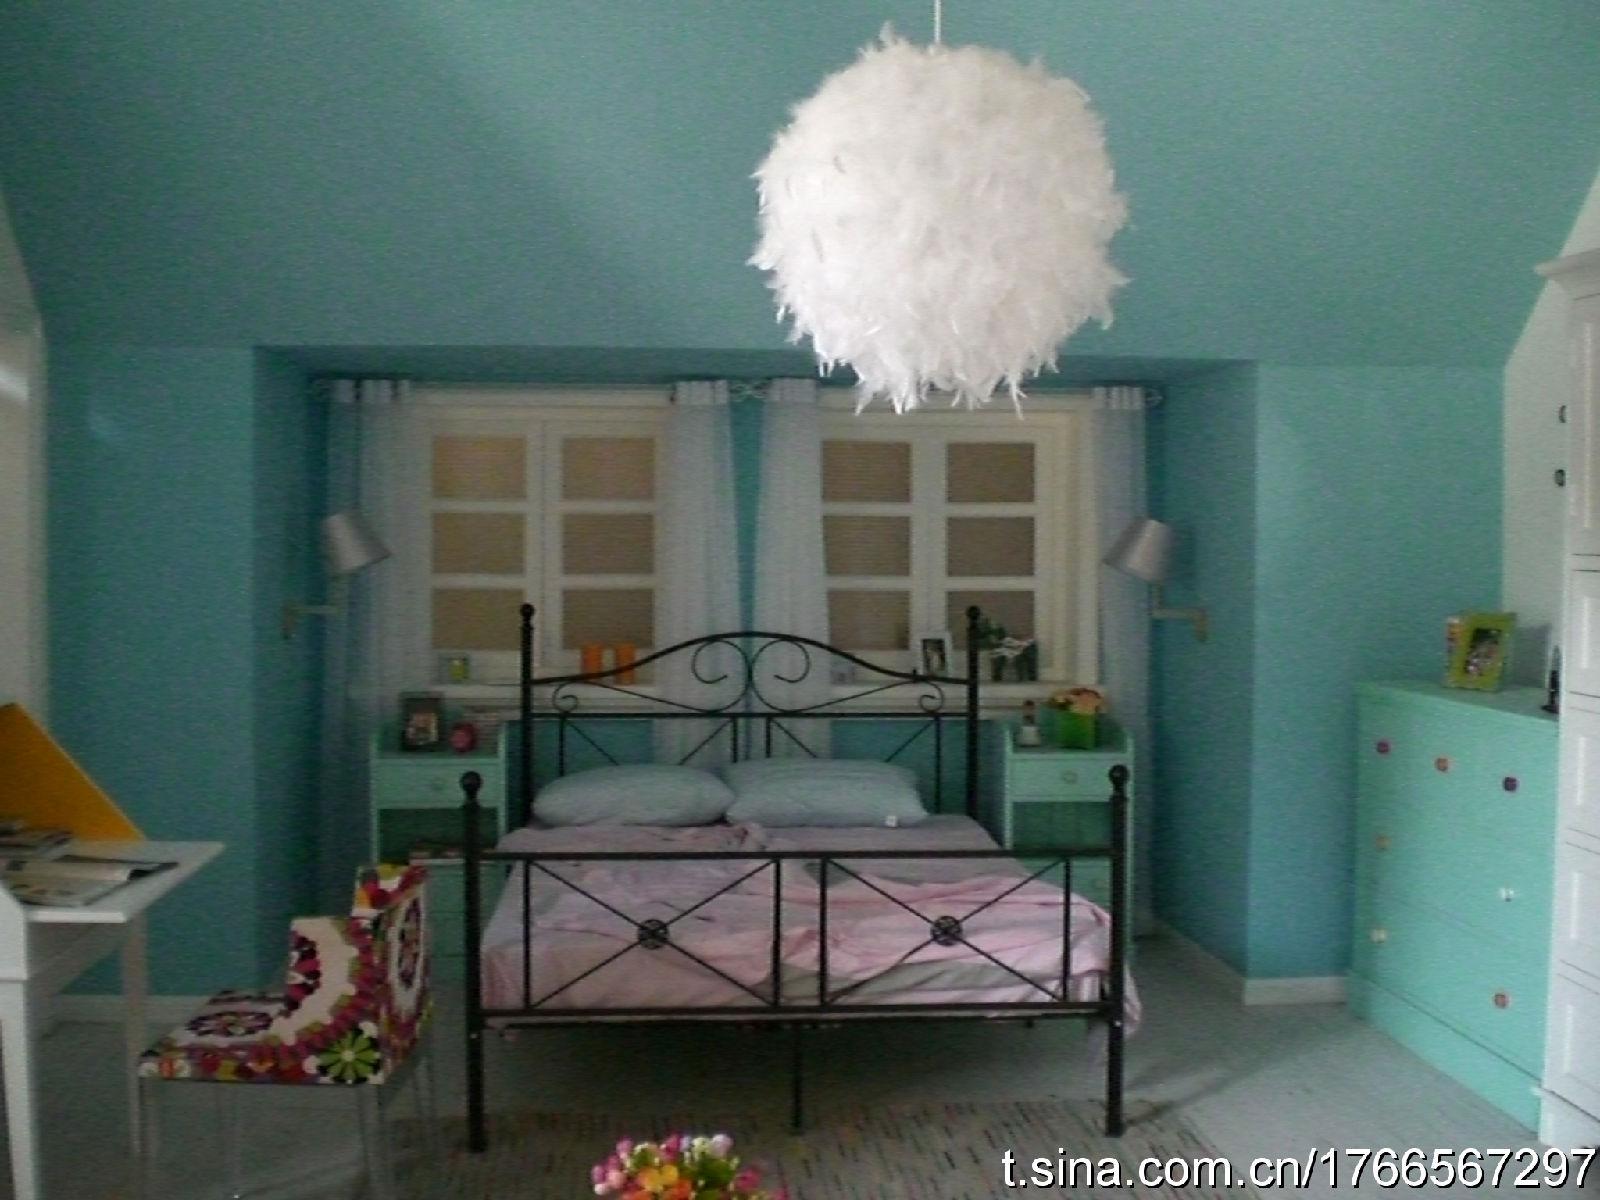 小三床技图片_百度图片搜索_夏家三千金 夏天美睡的那张床谁有图片的吗?_百度知道